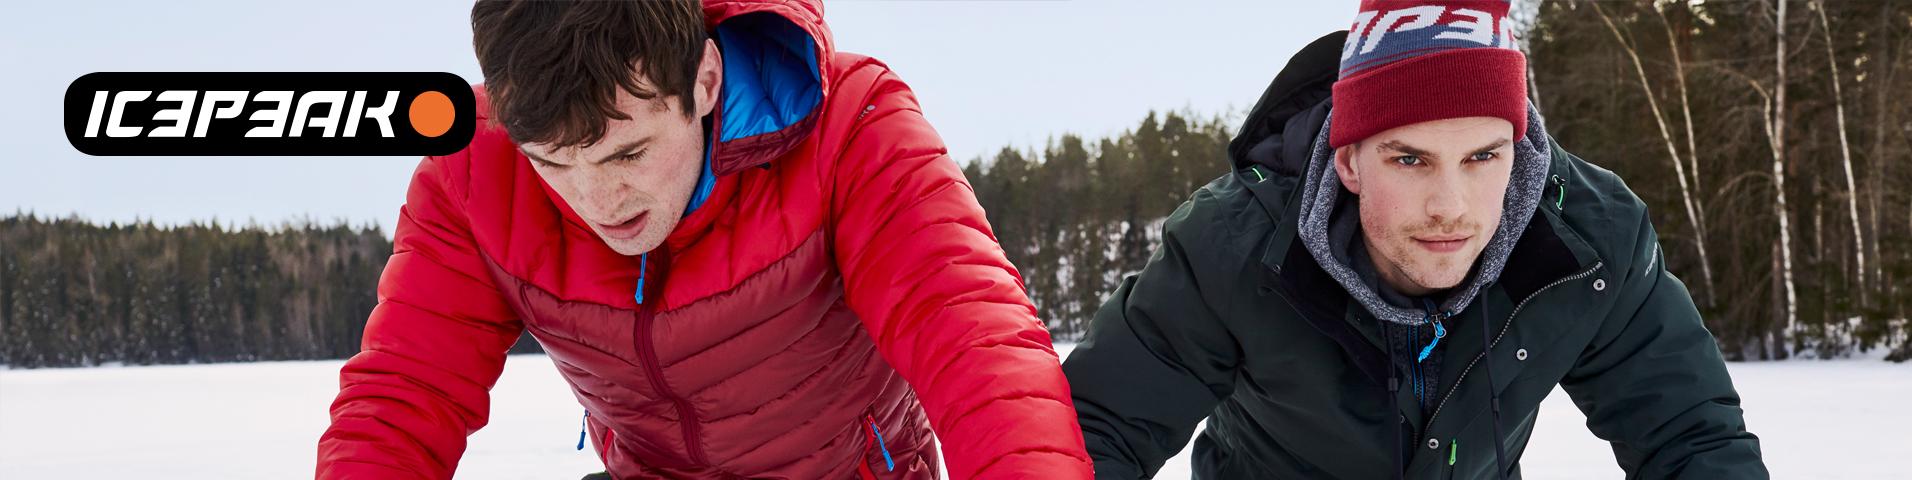 67f27cc363558d Odzież sportowa męska Icepeak -czuj się komfortowo i wyglądaj ...